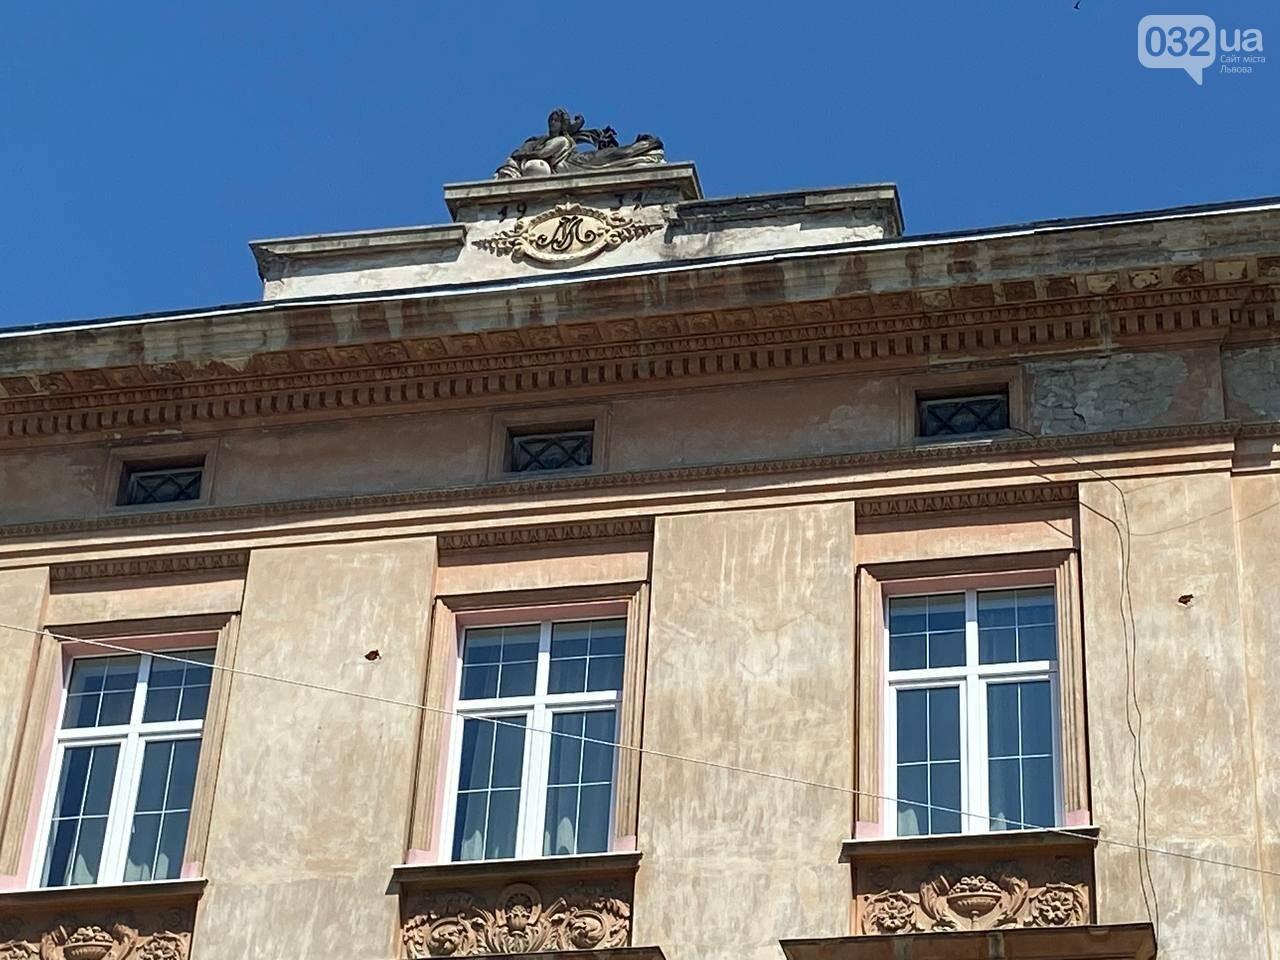 Колишній палац графа Орловського, Фото: 032.ua